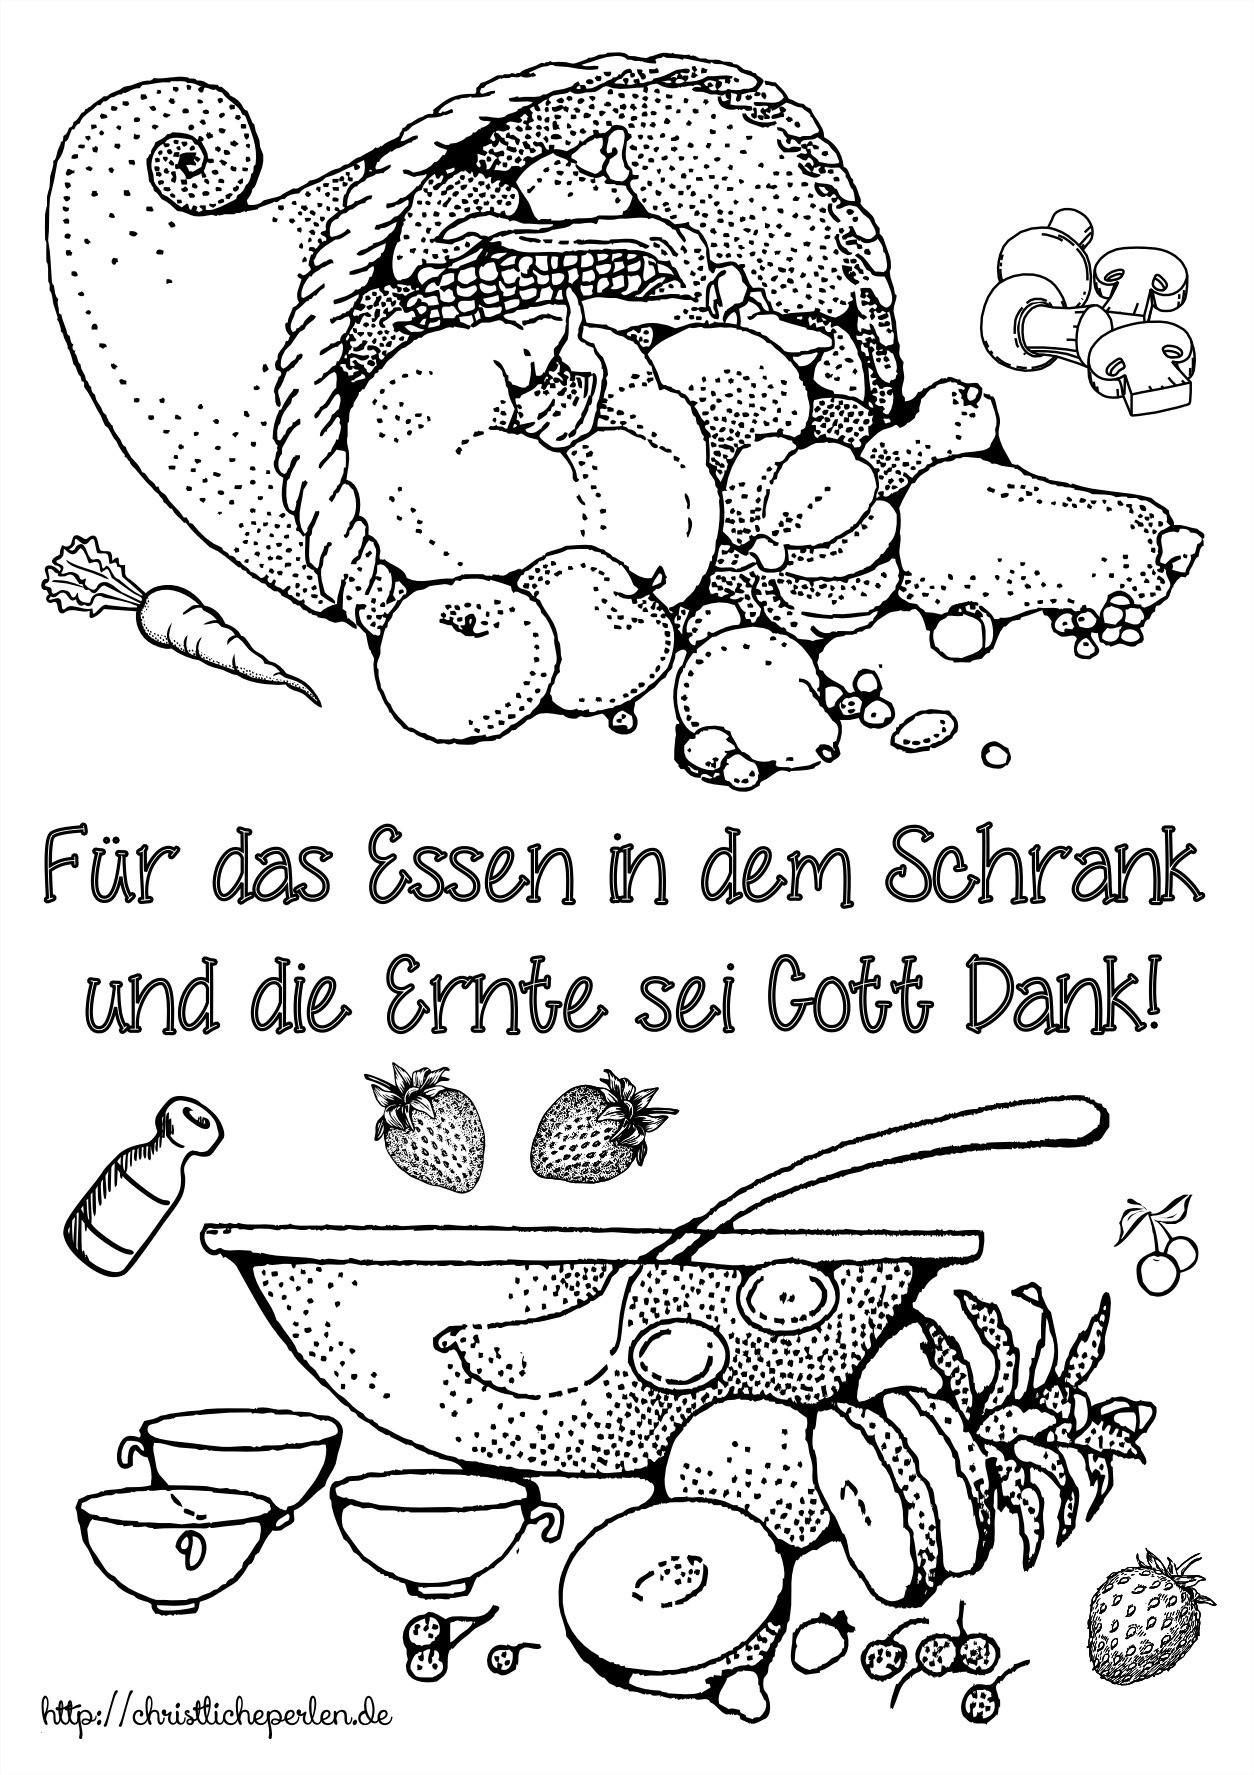 Super Mario Pilz Ausmalbilder Frisch Ausmalbilder Noten Genial Ausmalbild Erntedank Religionspädagogik Galerie